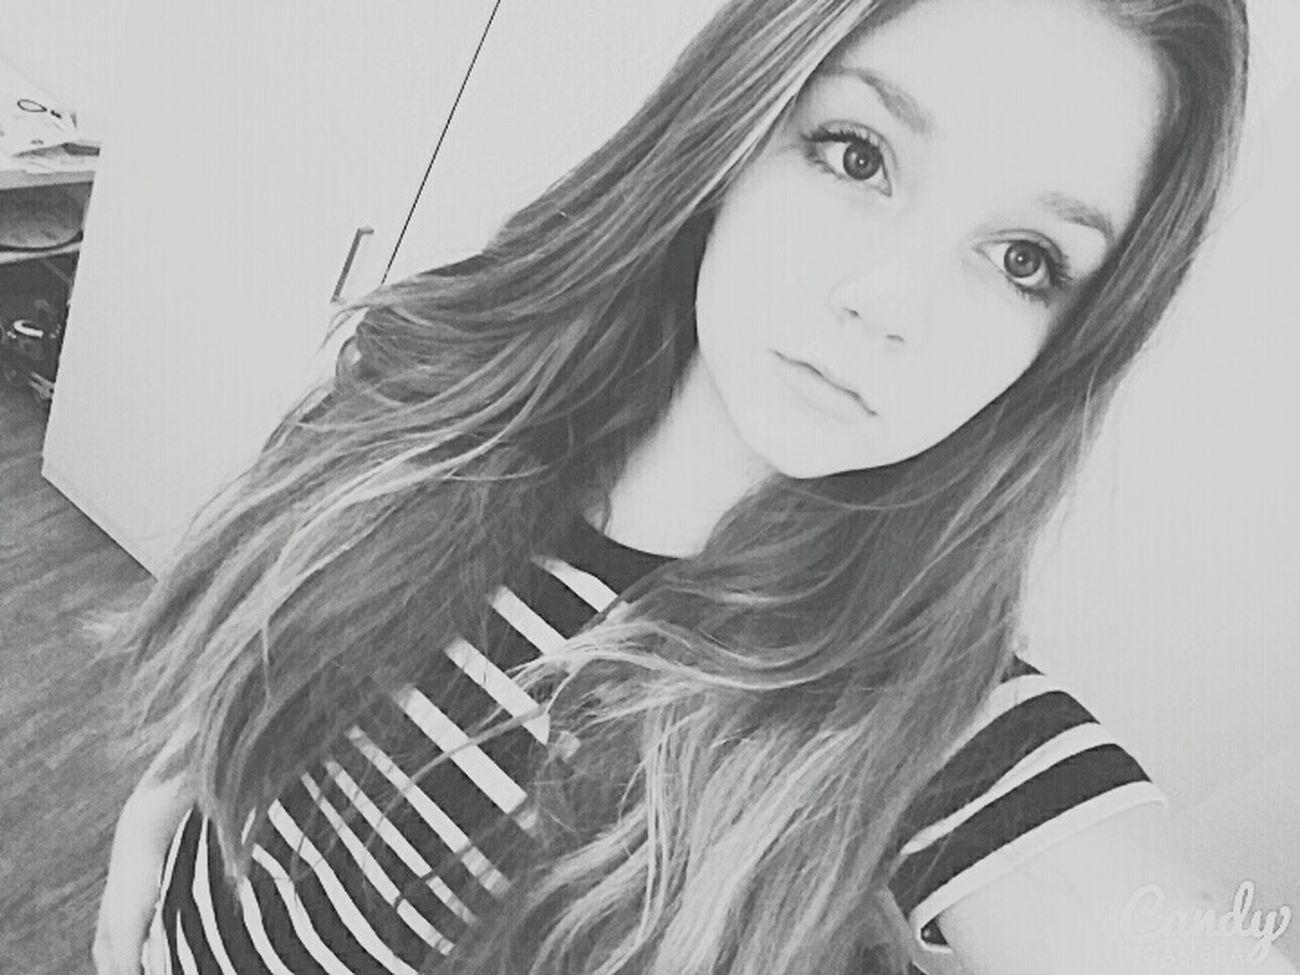 Hair Blackandwhite Selfportrait MeMyself&I Selfie ✌ ThatsMe Selfienation Selfietime EyeemSelfie Love Selfie♥